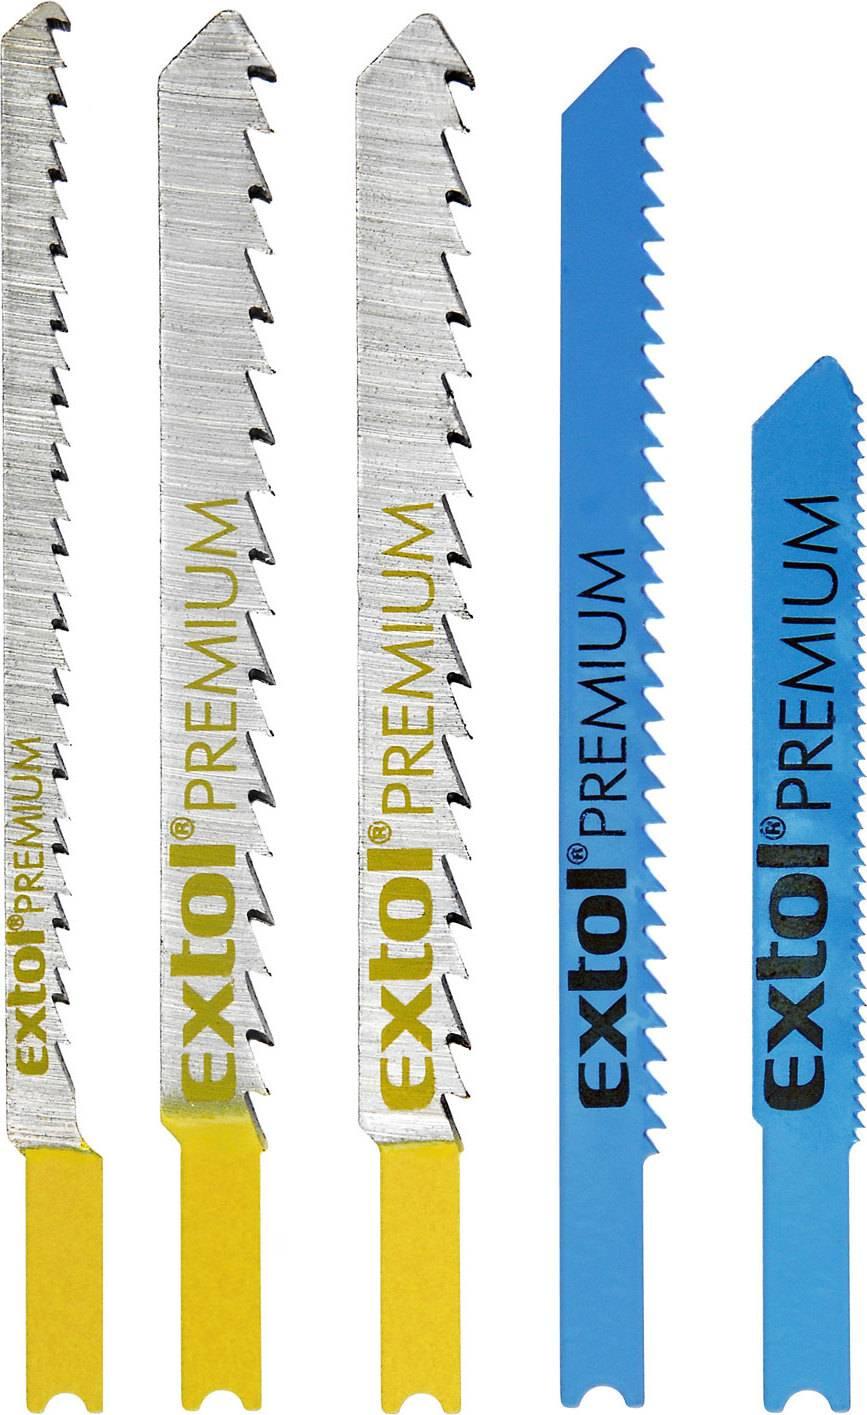 plátky do přímočaré pily-mix, sada 5ks, Bi-metal, HSS, HCS 8805600 EXTOL PREMIUM